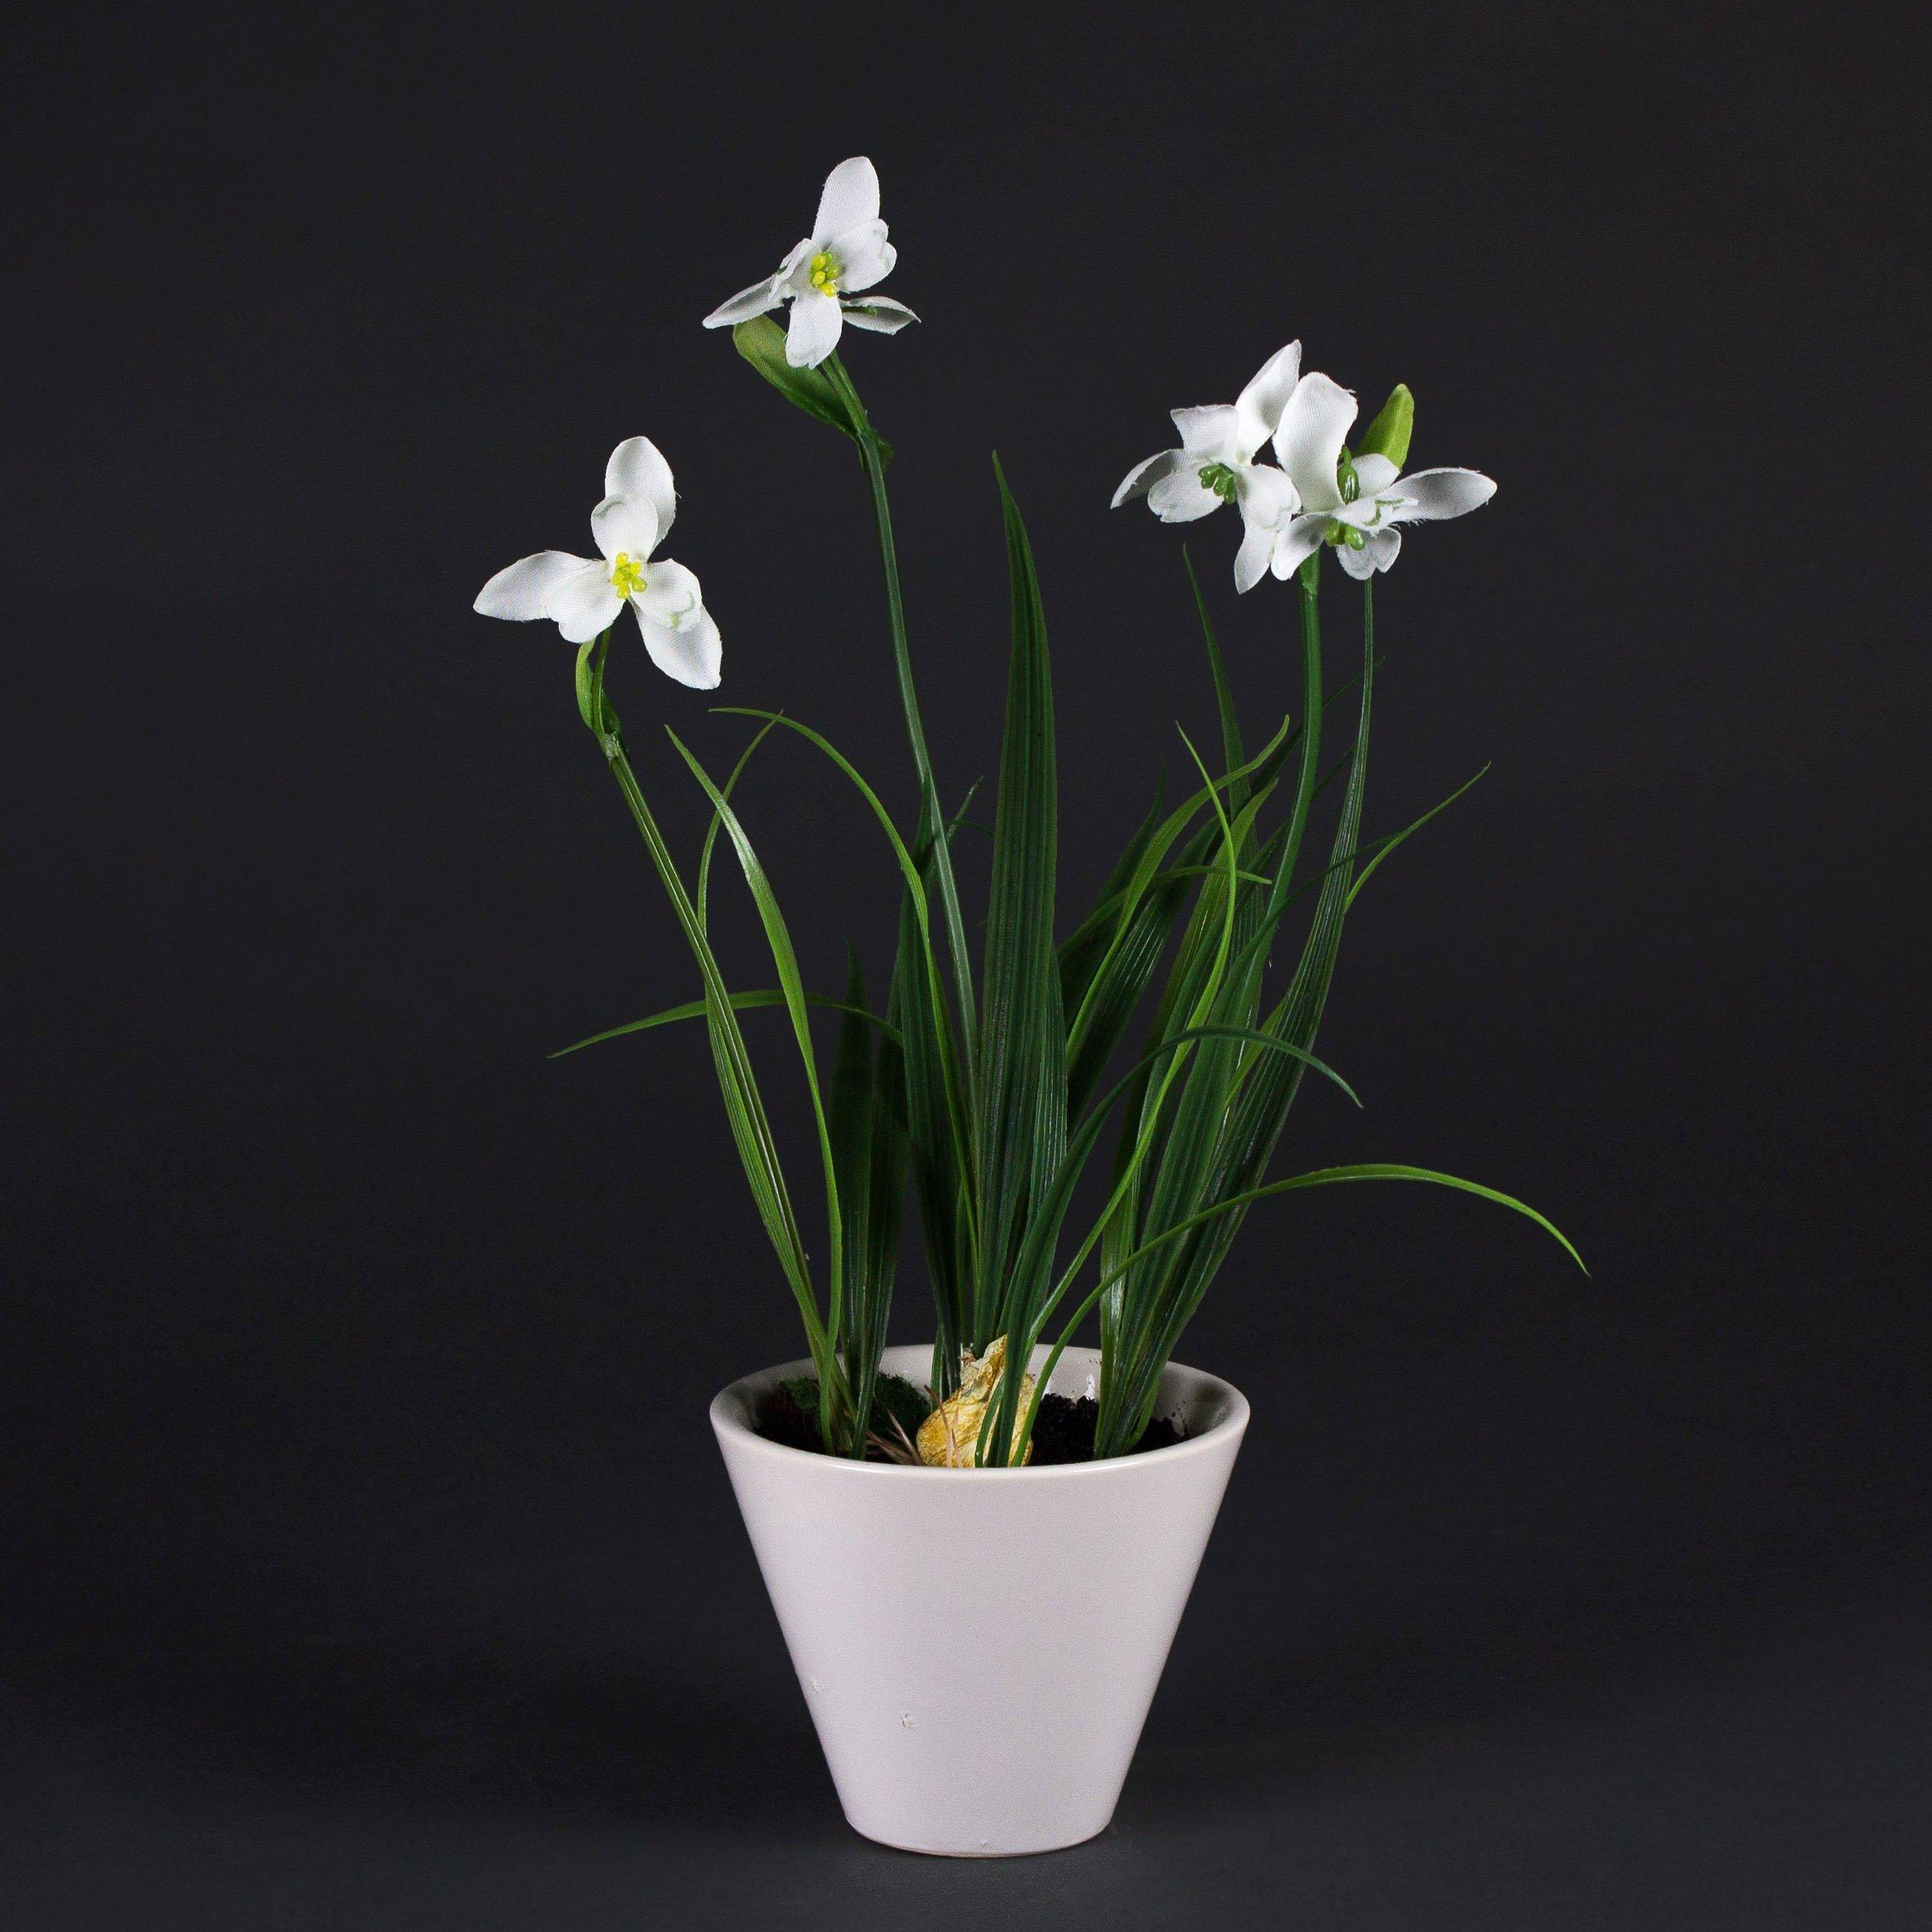 23cm Mata Decorativa Planta sint/ética artplants.de Romero Artificial en Maceta